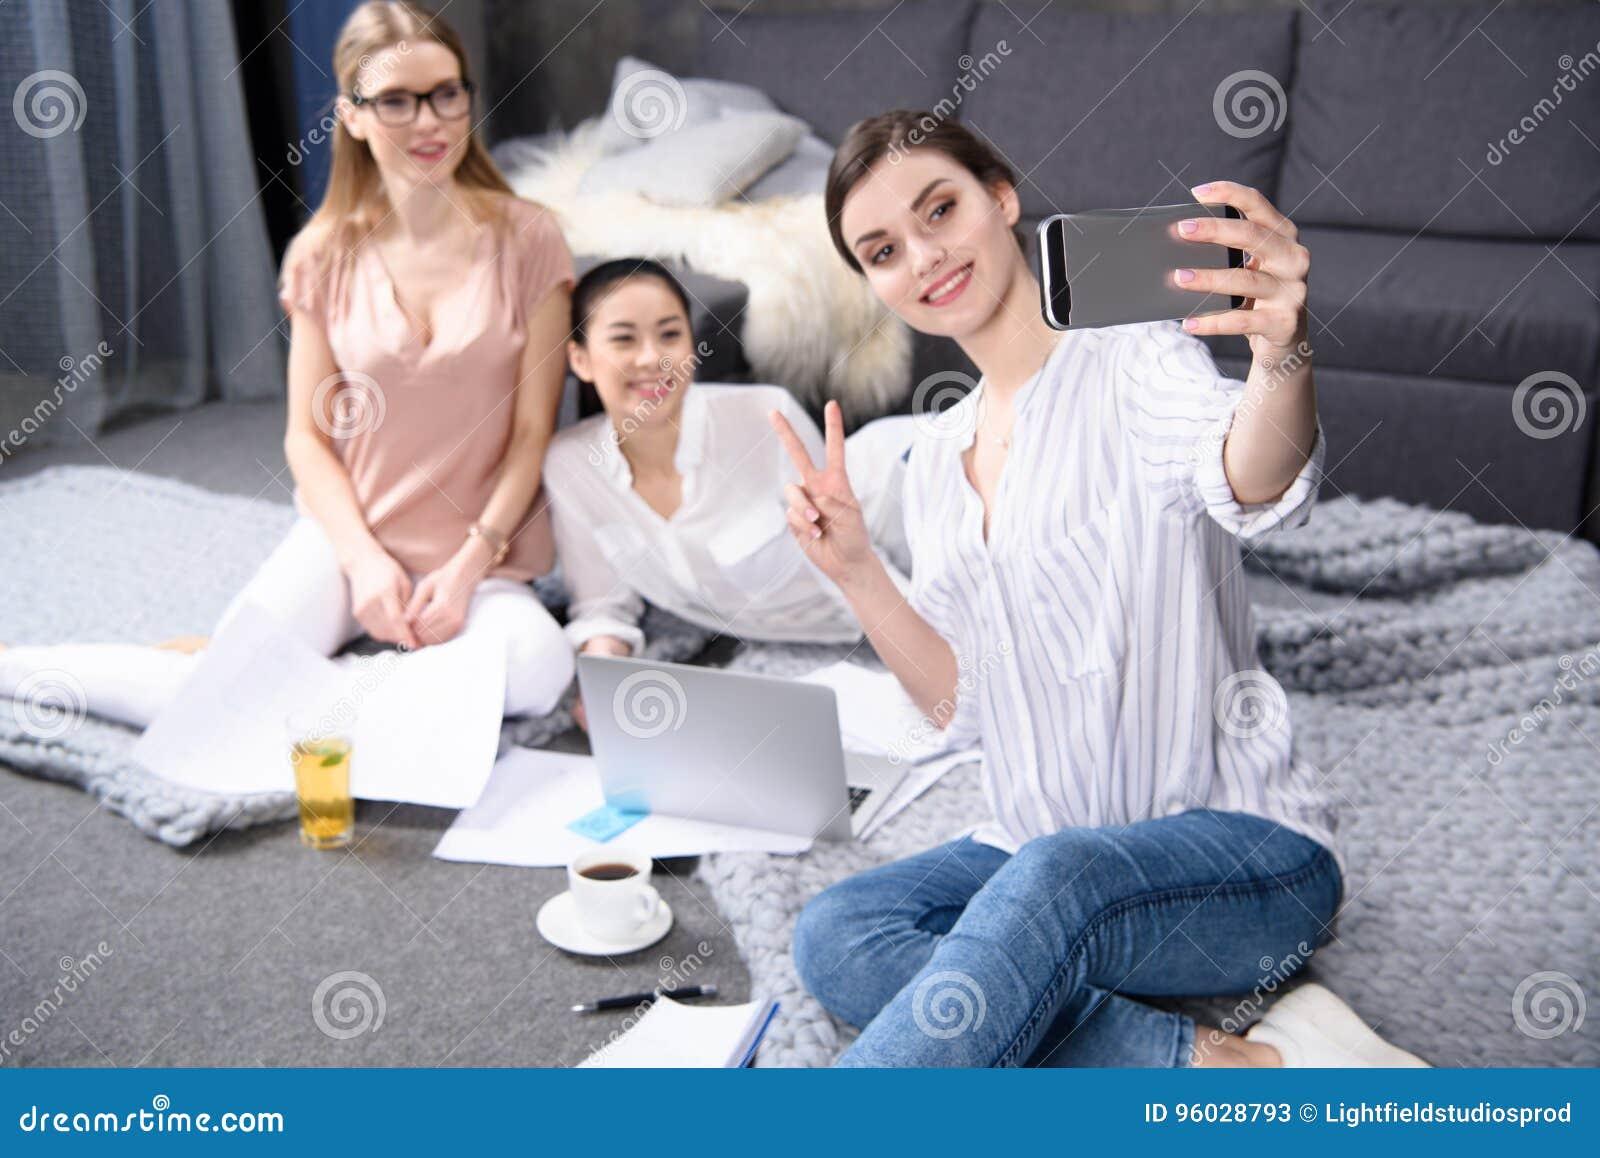 Koledzy bierze selfie podczas gdy pracujący na biznesowym projekcie